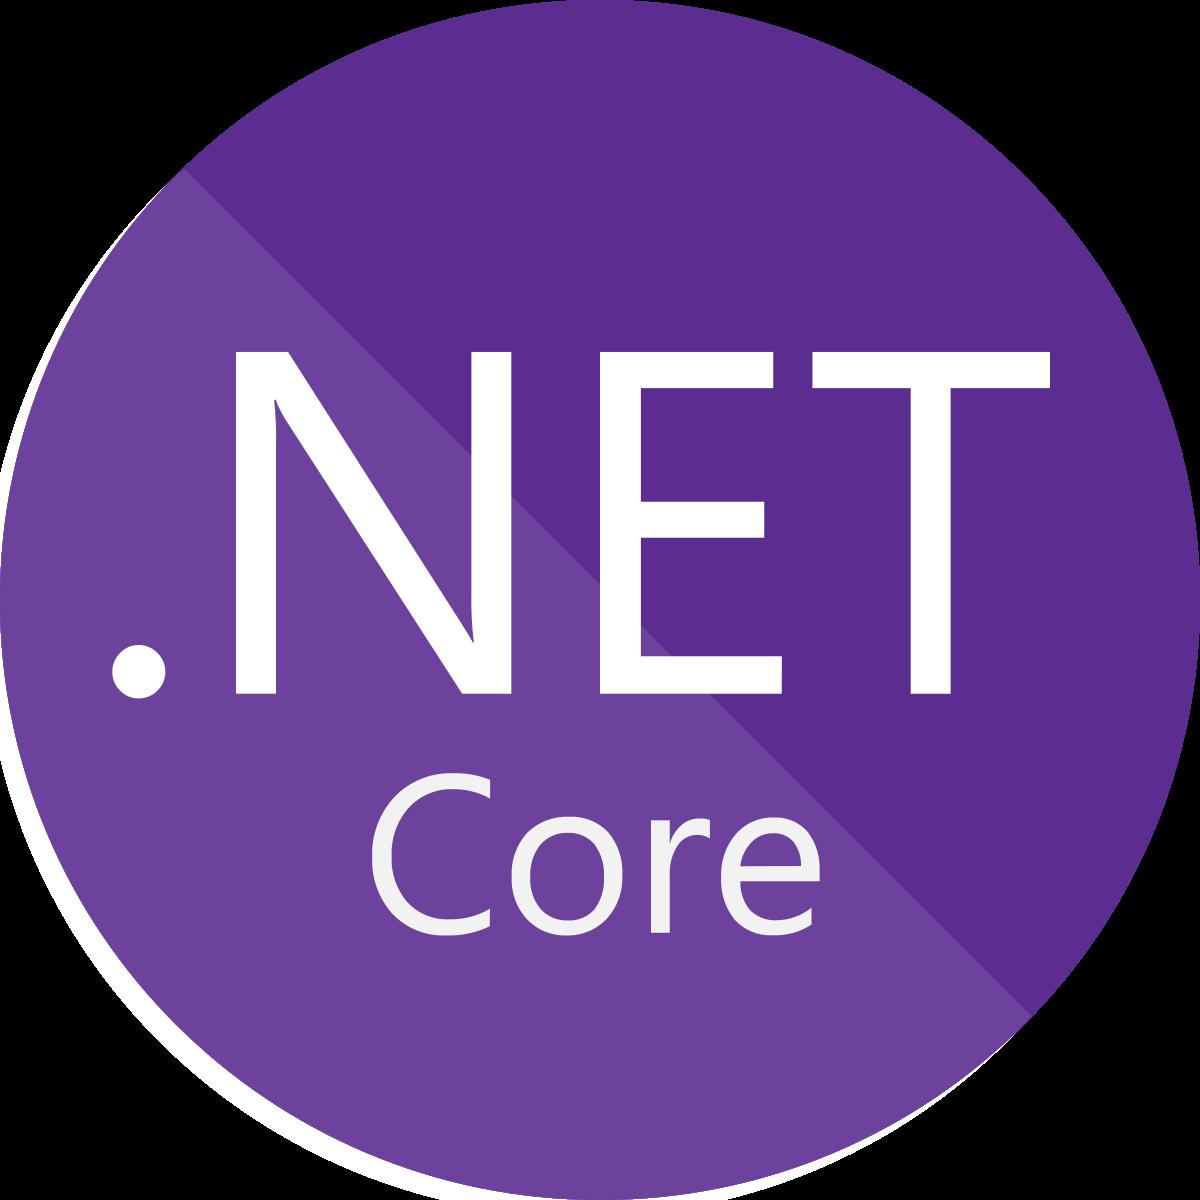 NET Core.